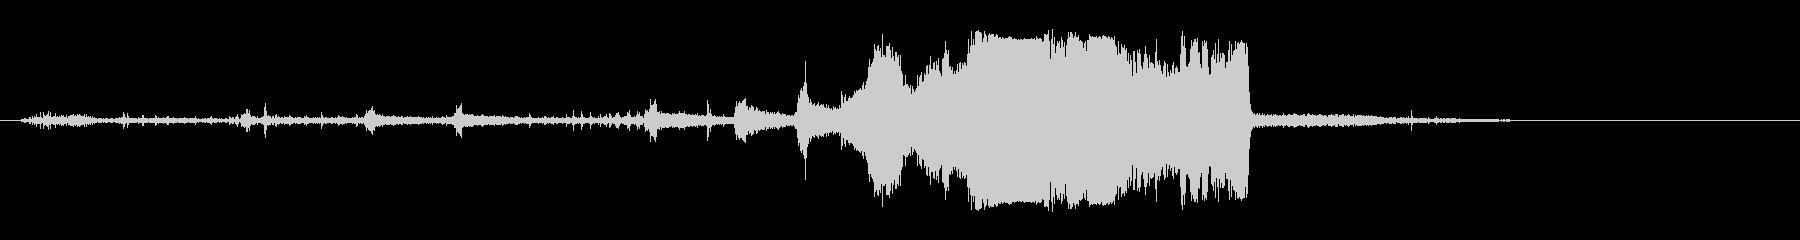 オートバイモトクロス;回転/アウェ...の未再生の波形